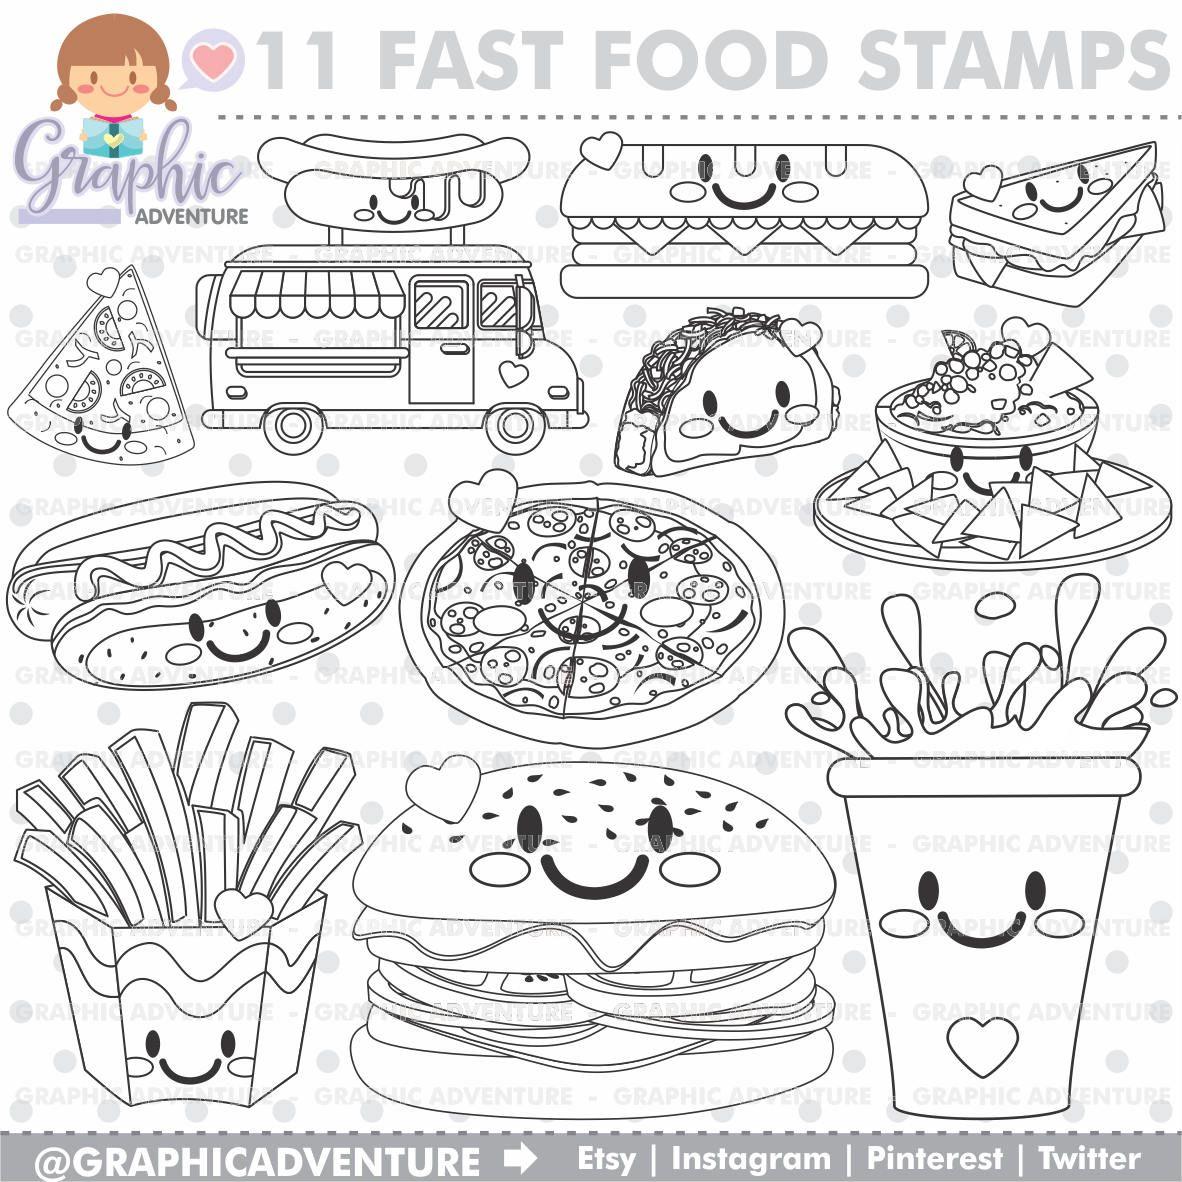 Food Stamps, Fast Food Stamps, Digi Stamp, Digital Stamps, Food